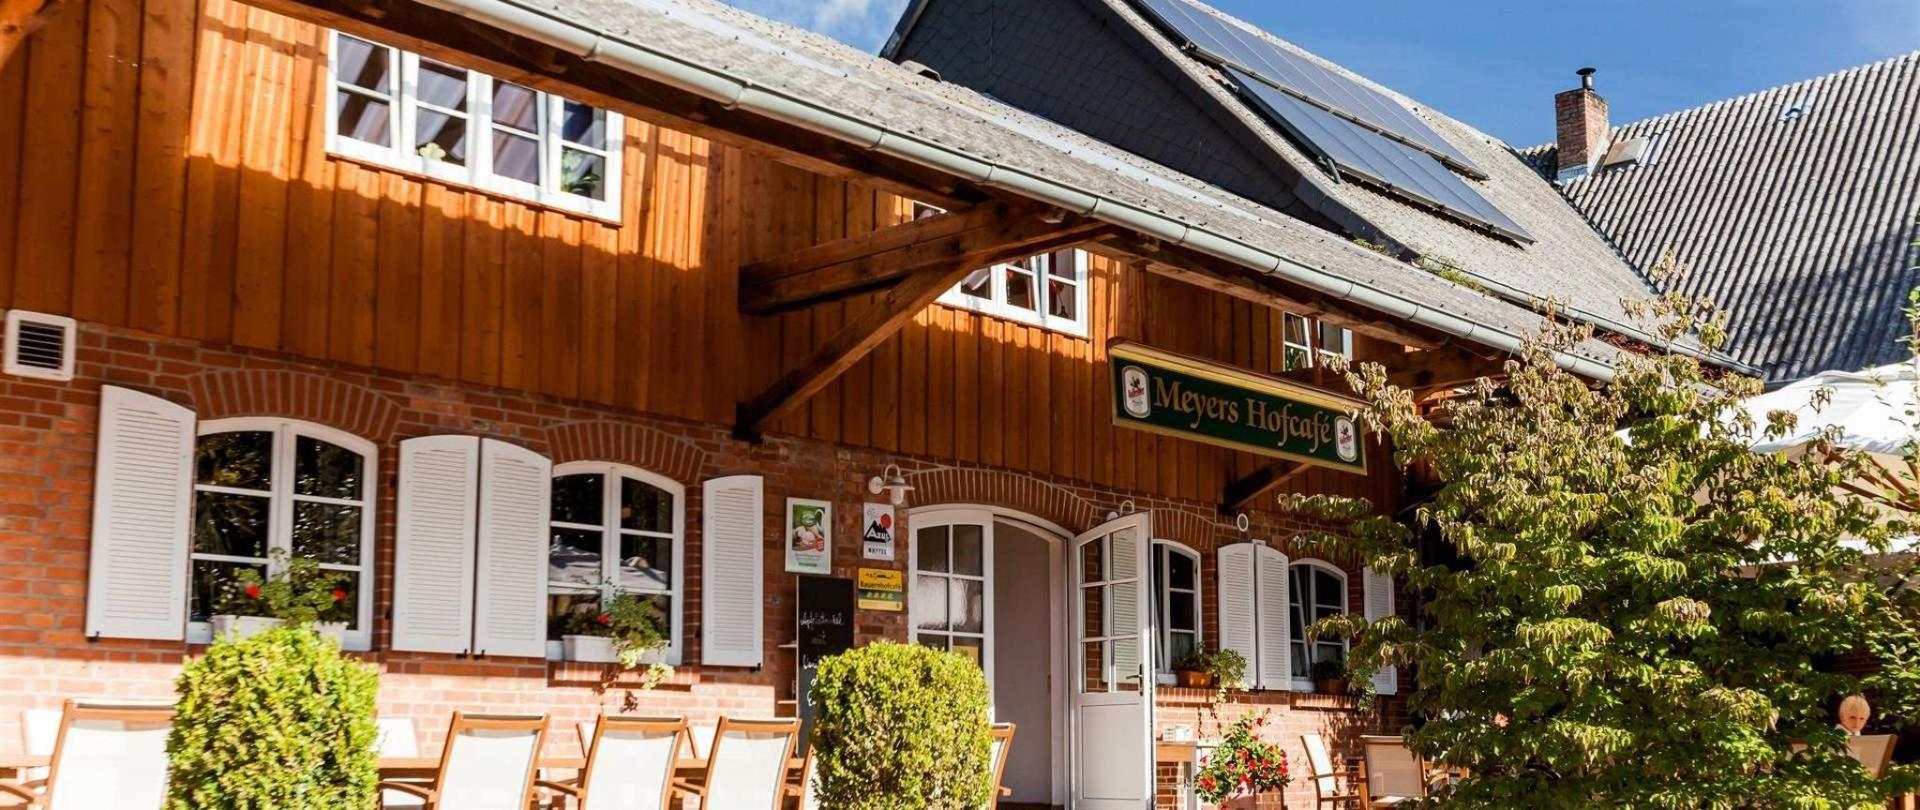 Meyer's Hofcafe